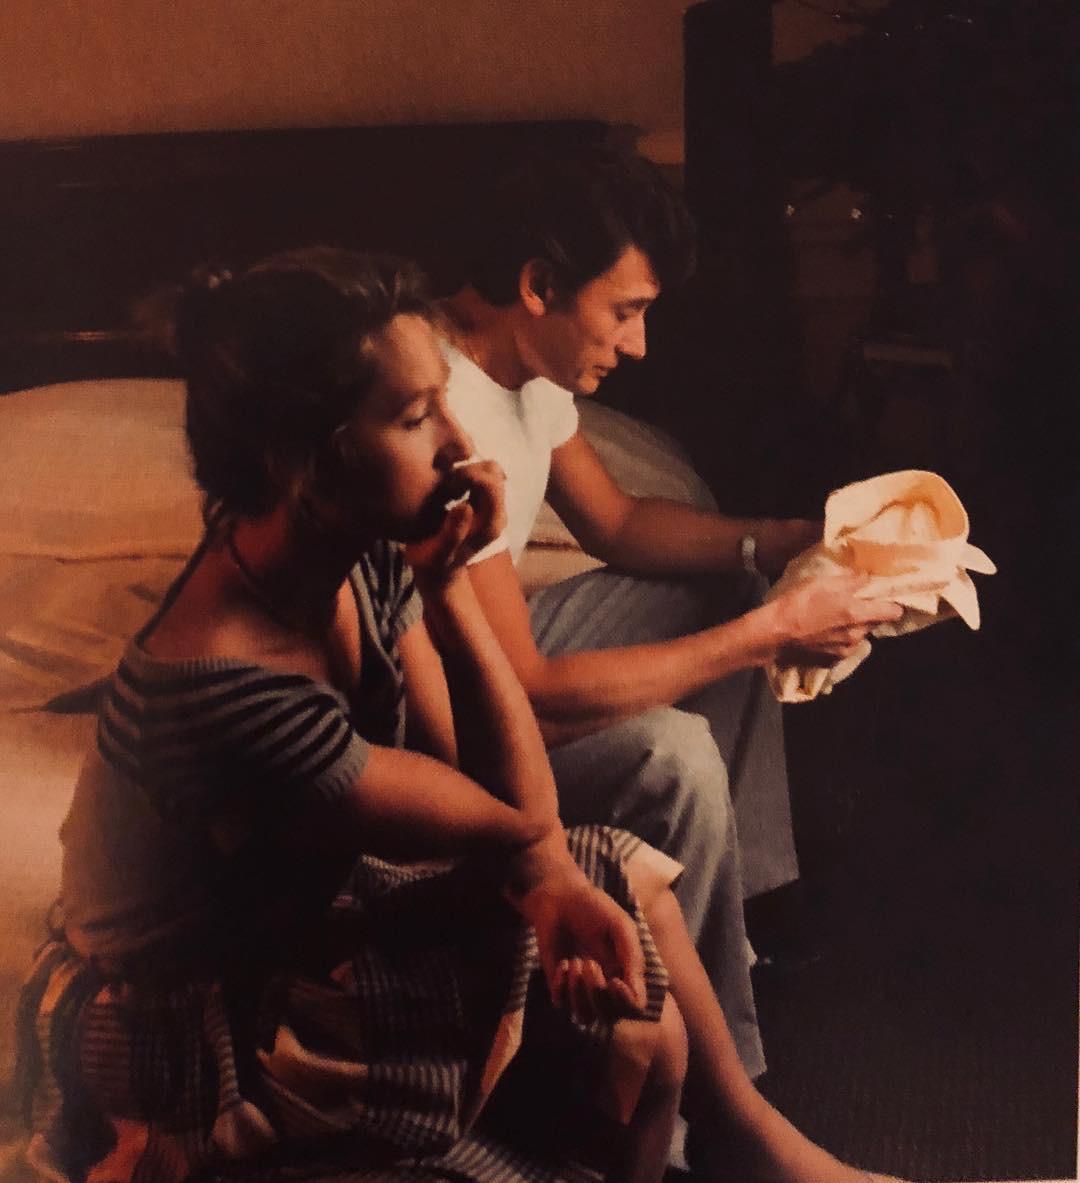 ゴダールの『探偵』(Détective 1985) - owlcato's blog